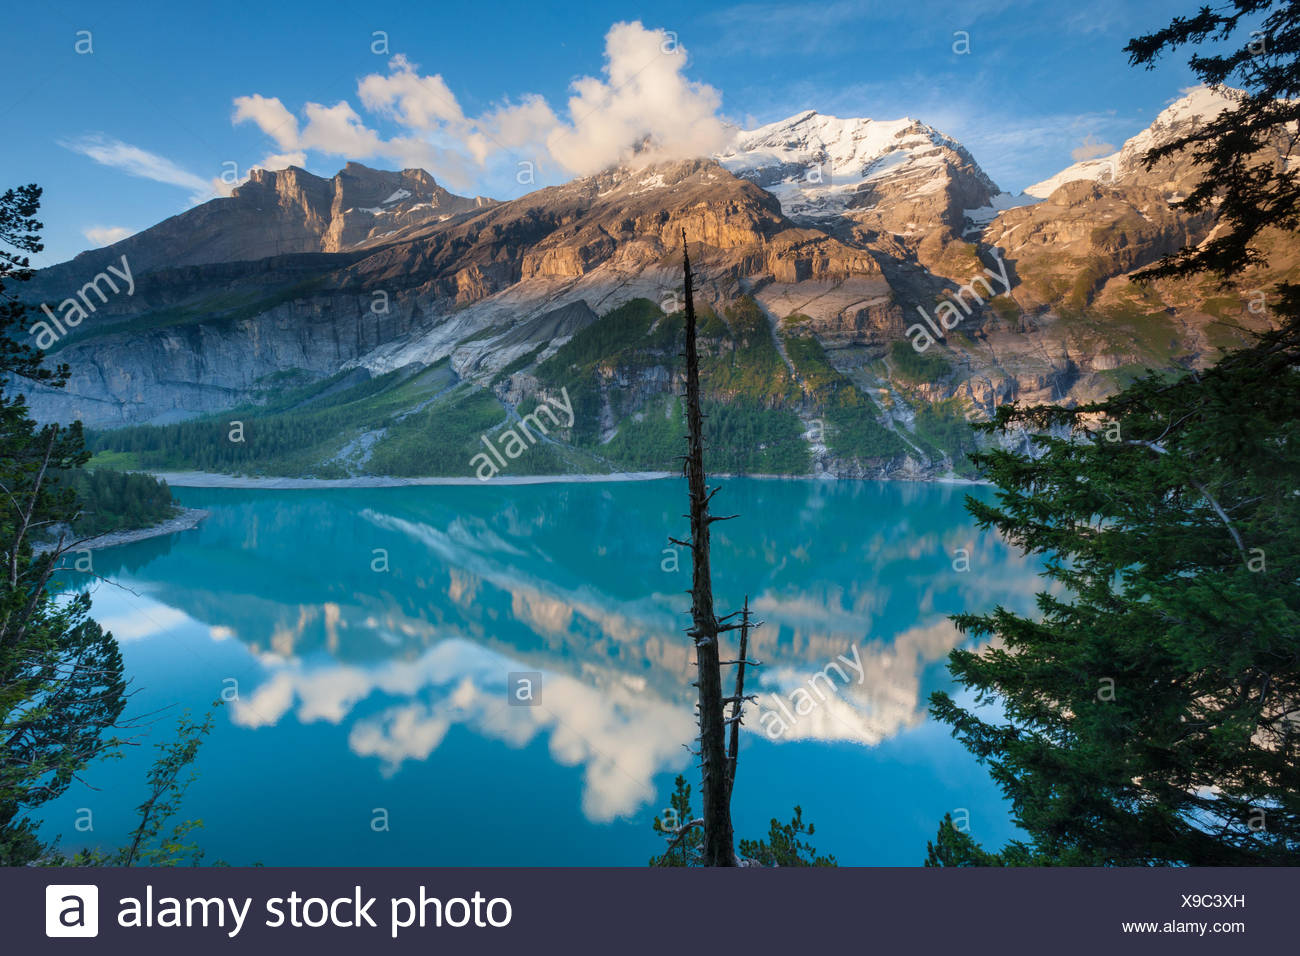 Lake of Oeschinen, Switzerland, Europe, canton Bern, Bernese  Oberland, Kandertal, mountain lake, lake, mountains, reflection Stock Photo